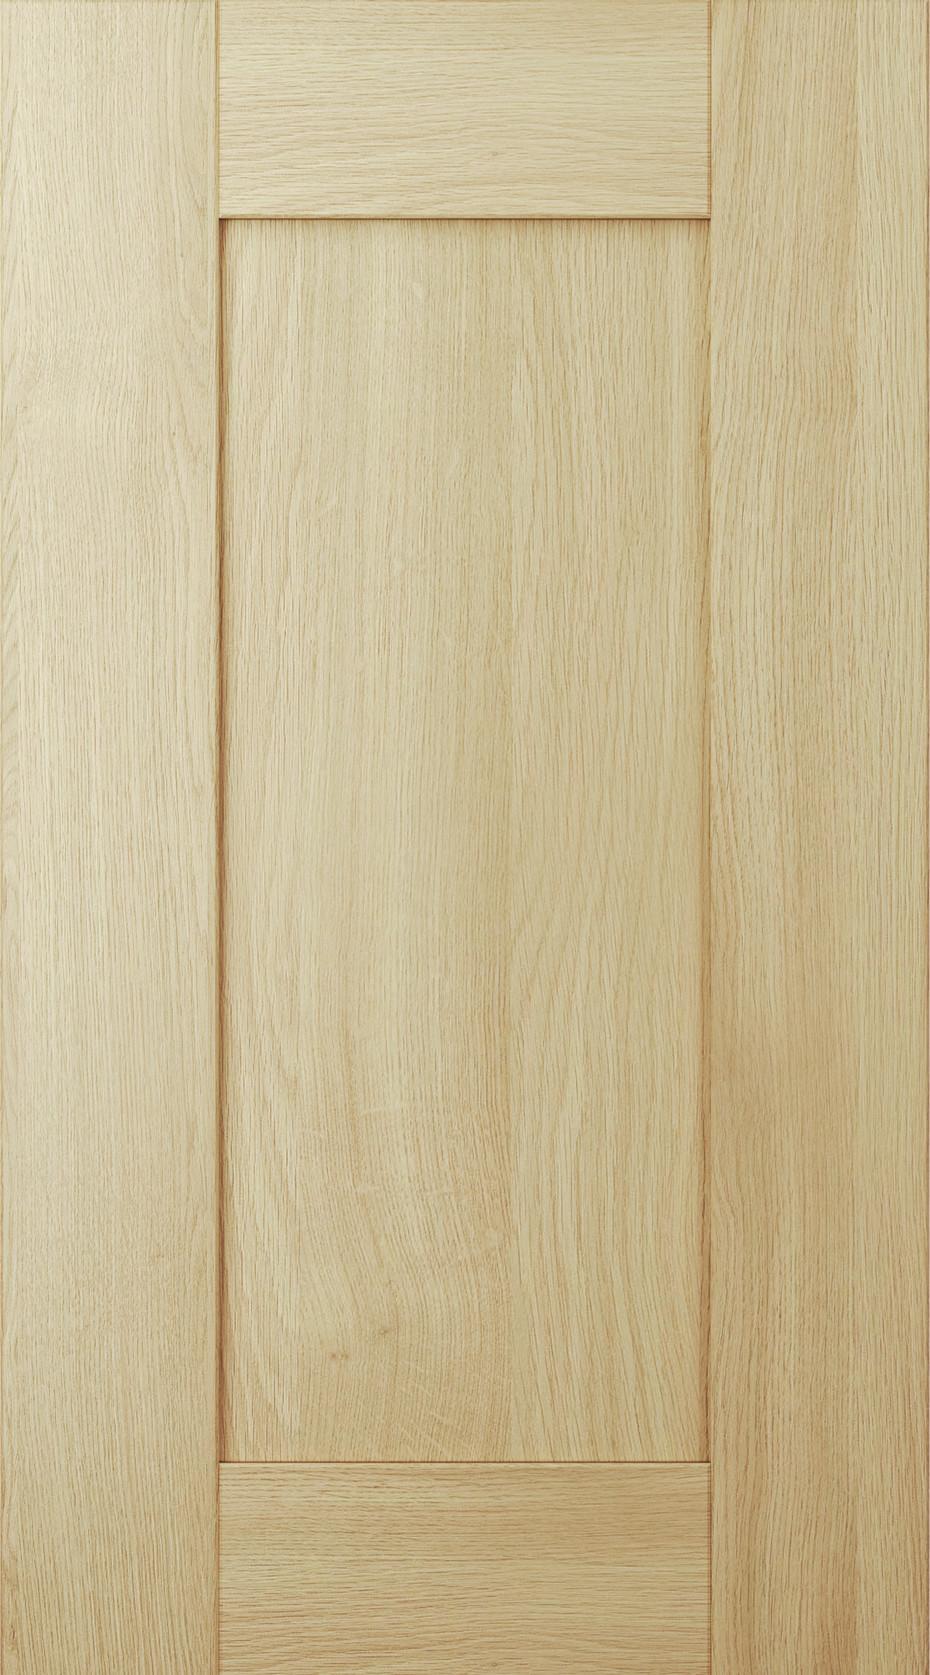 Plain Solid Oak Shaker